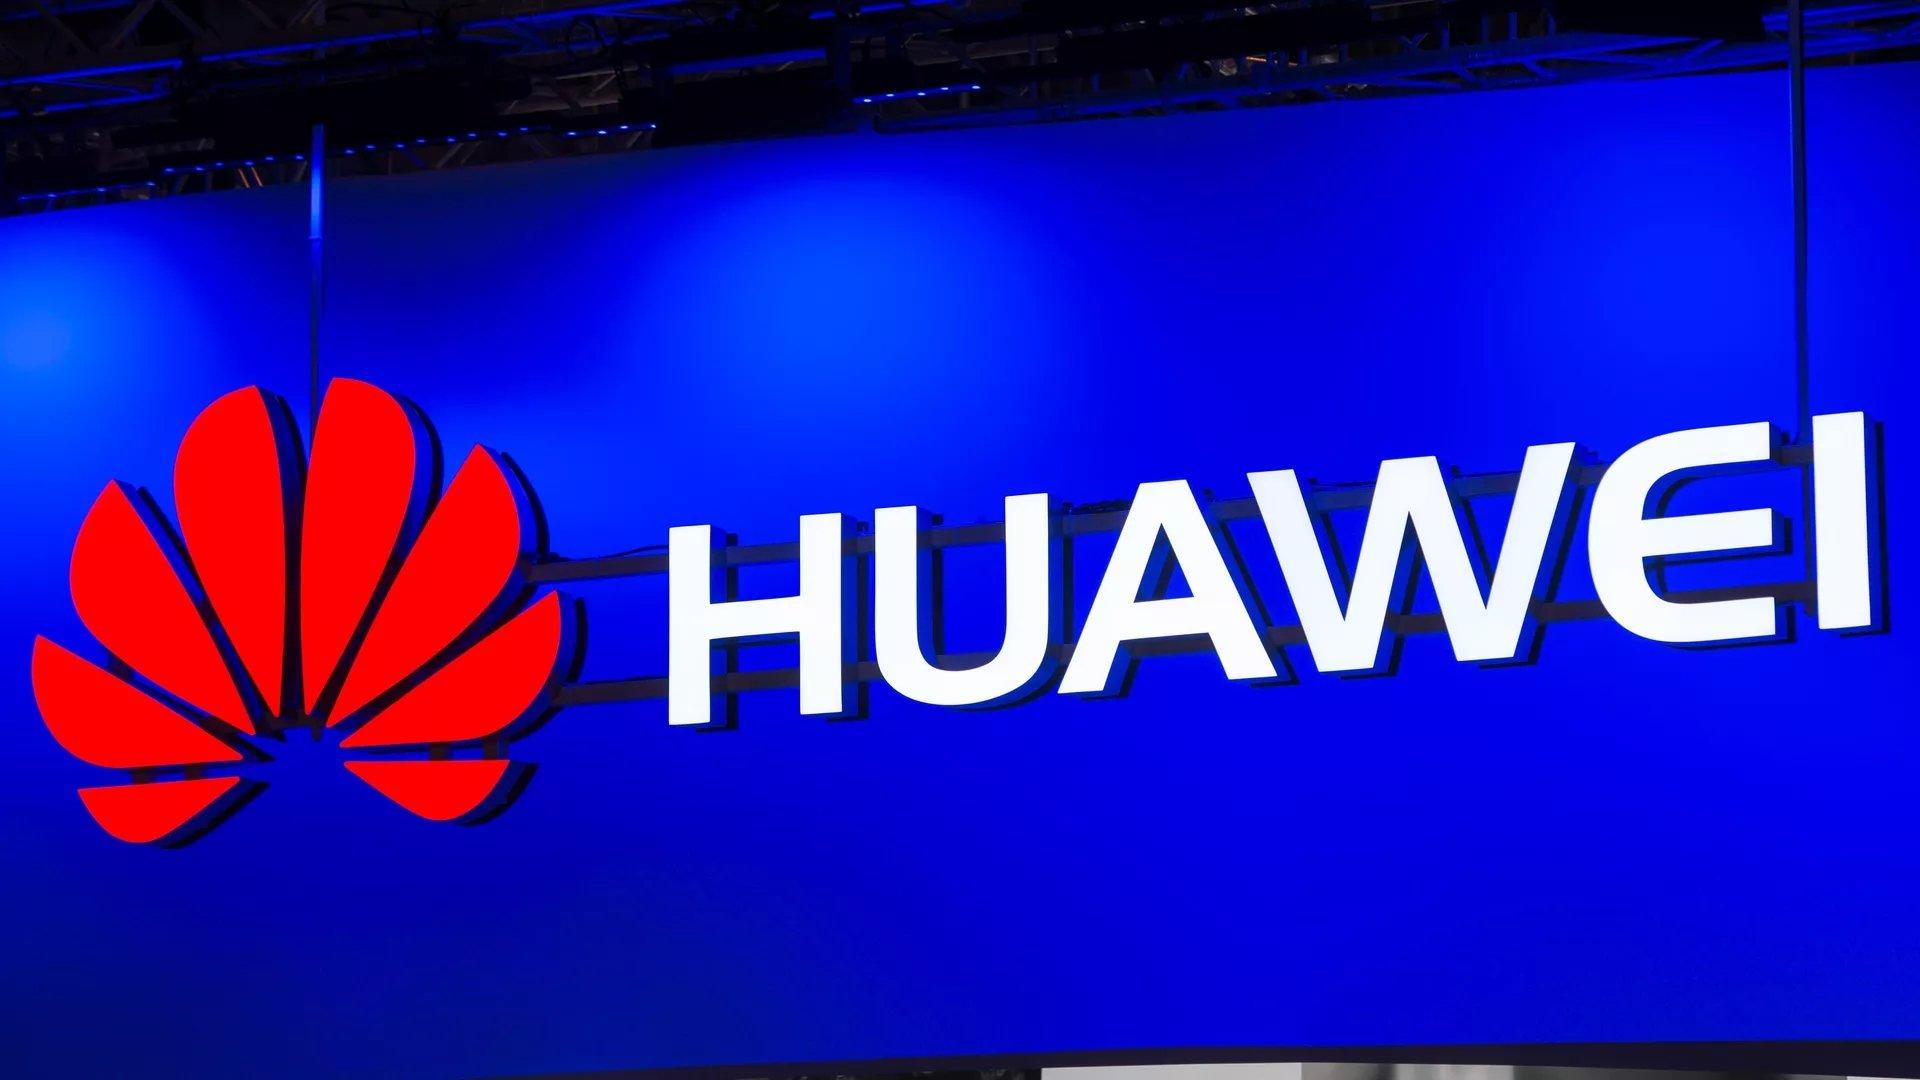 huawei logo sobre parede iluminado